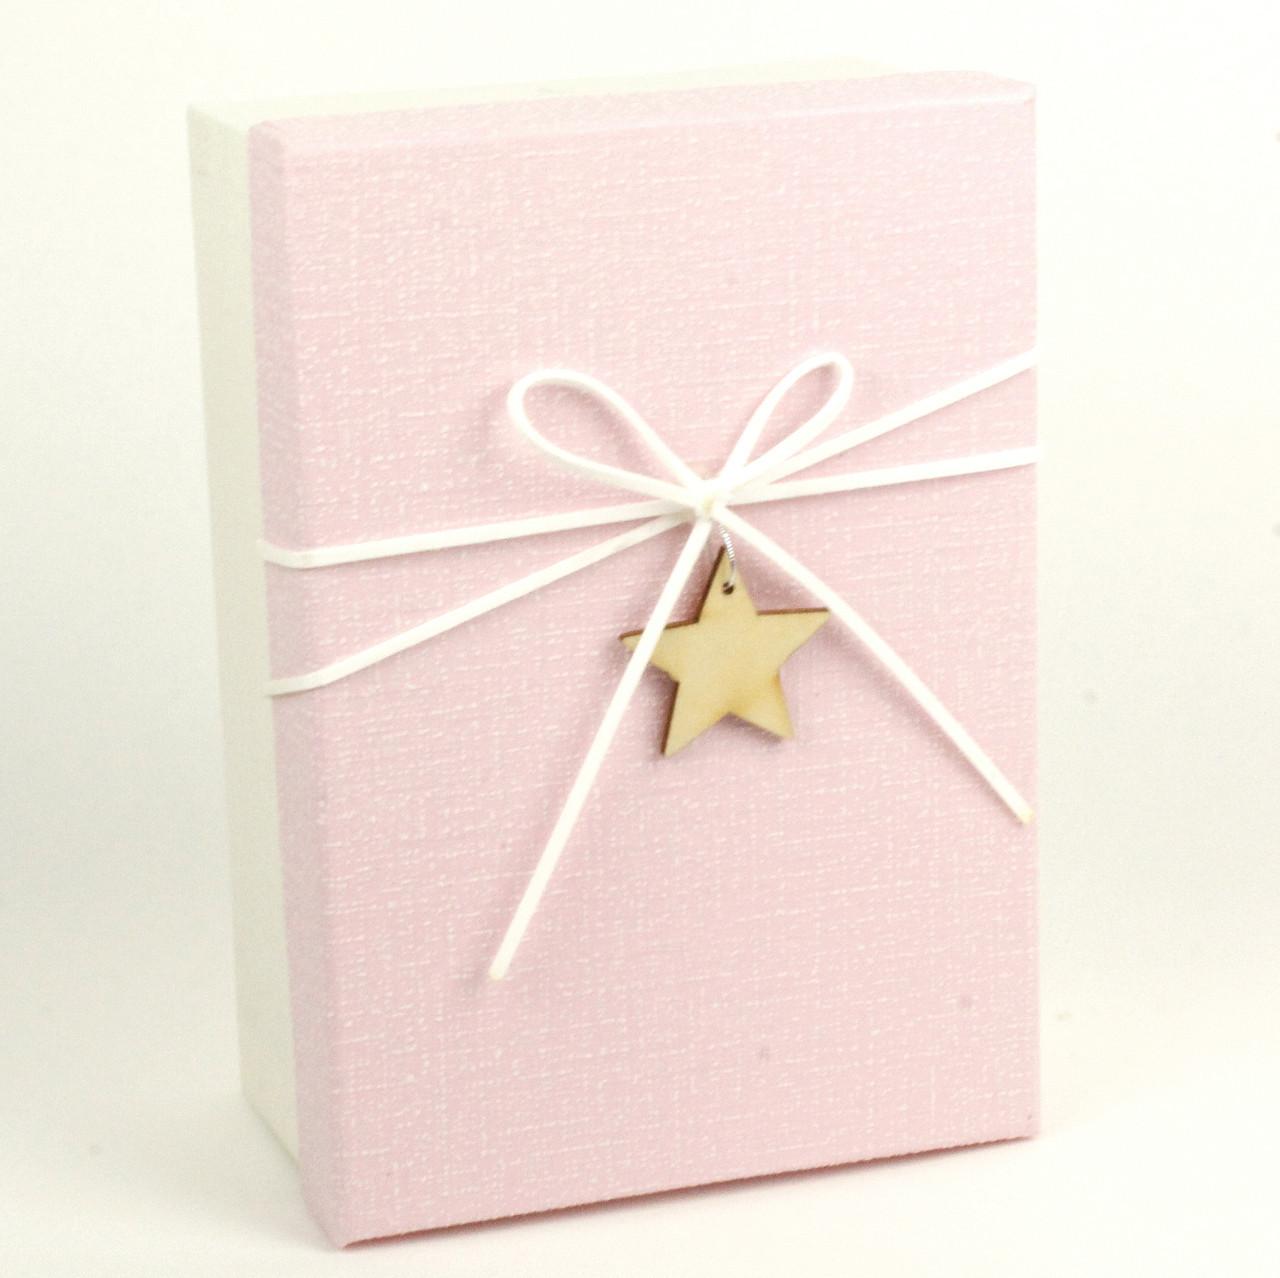 Подарочная коробка My Little Star розовая 20 x 14 x 8 см